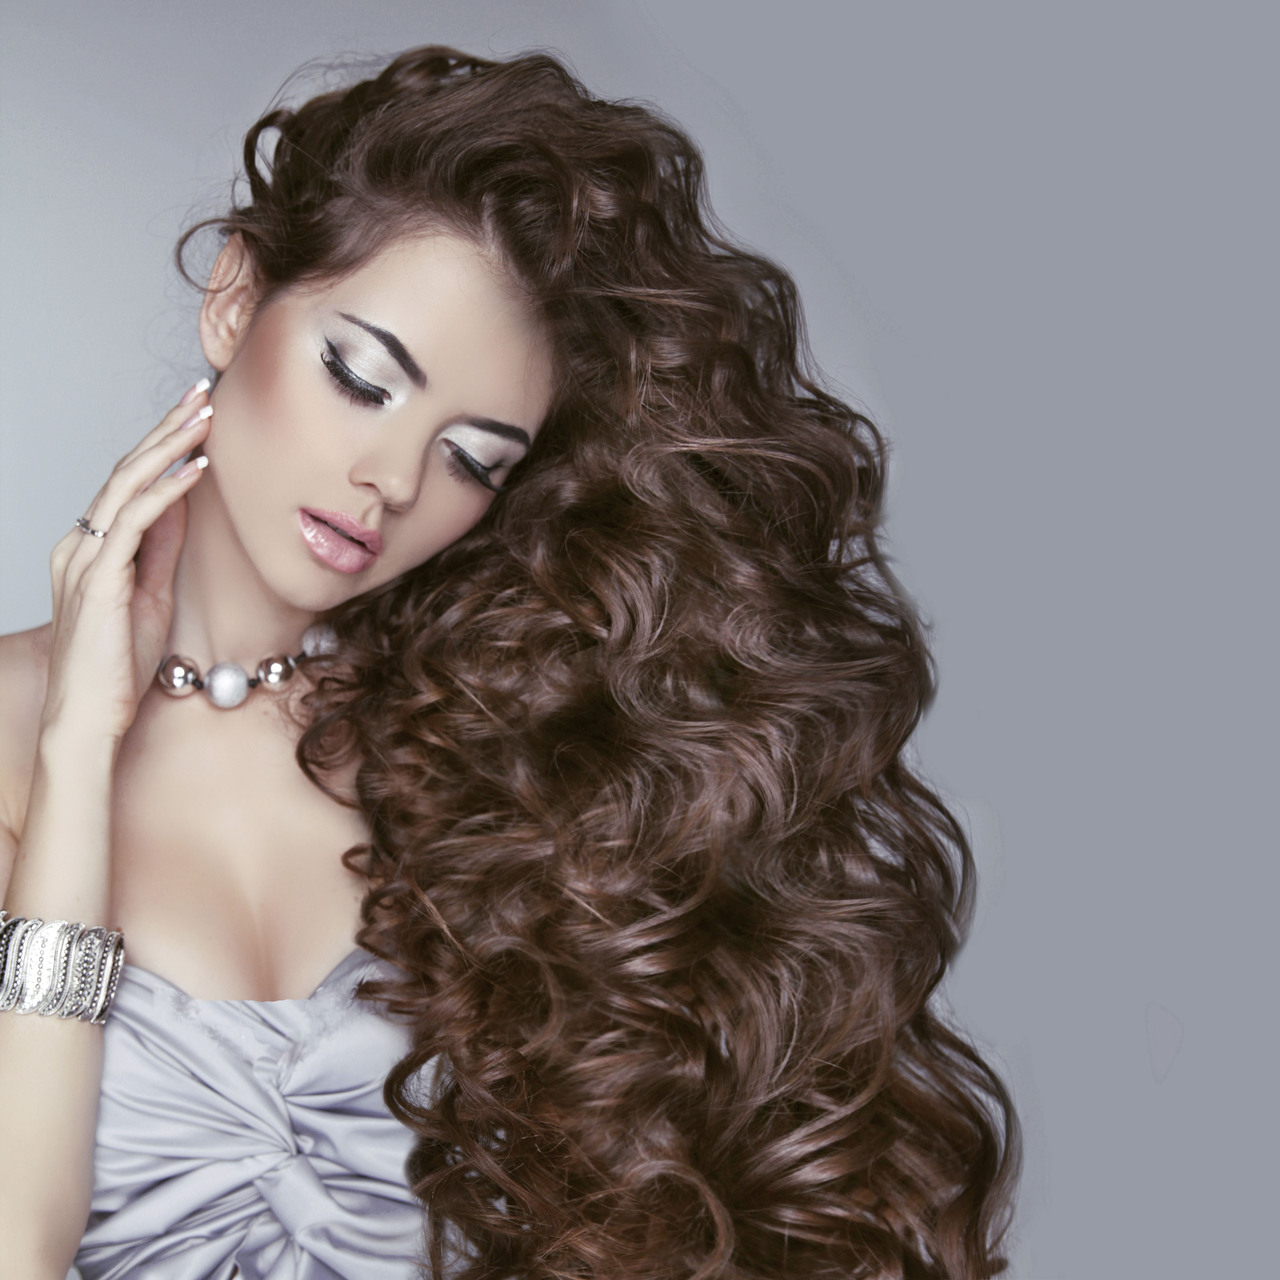 Фото девушек с длинными волосами 22 фотография